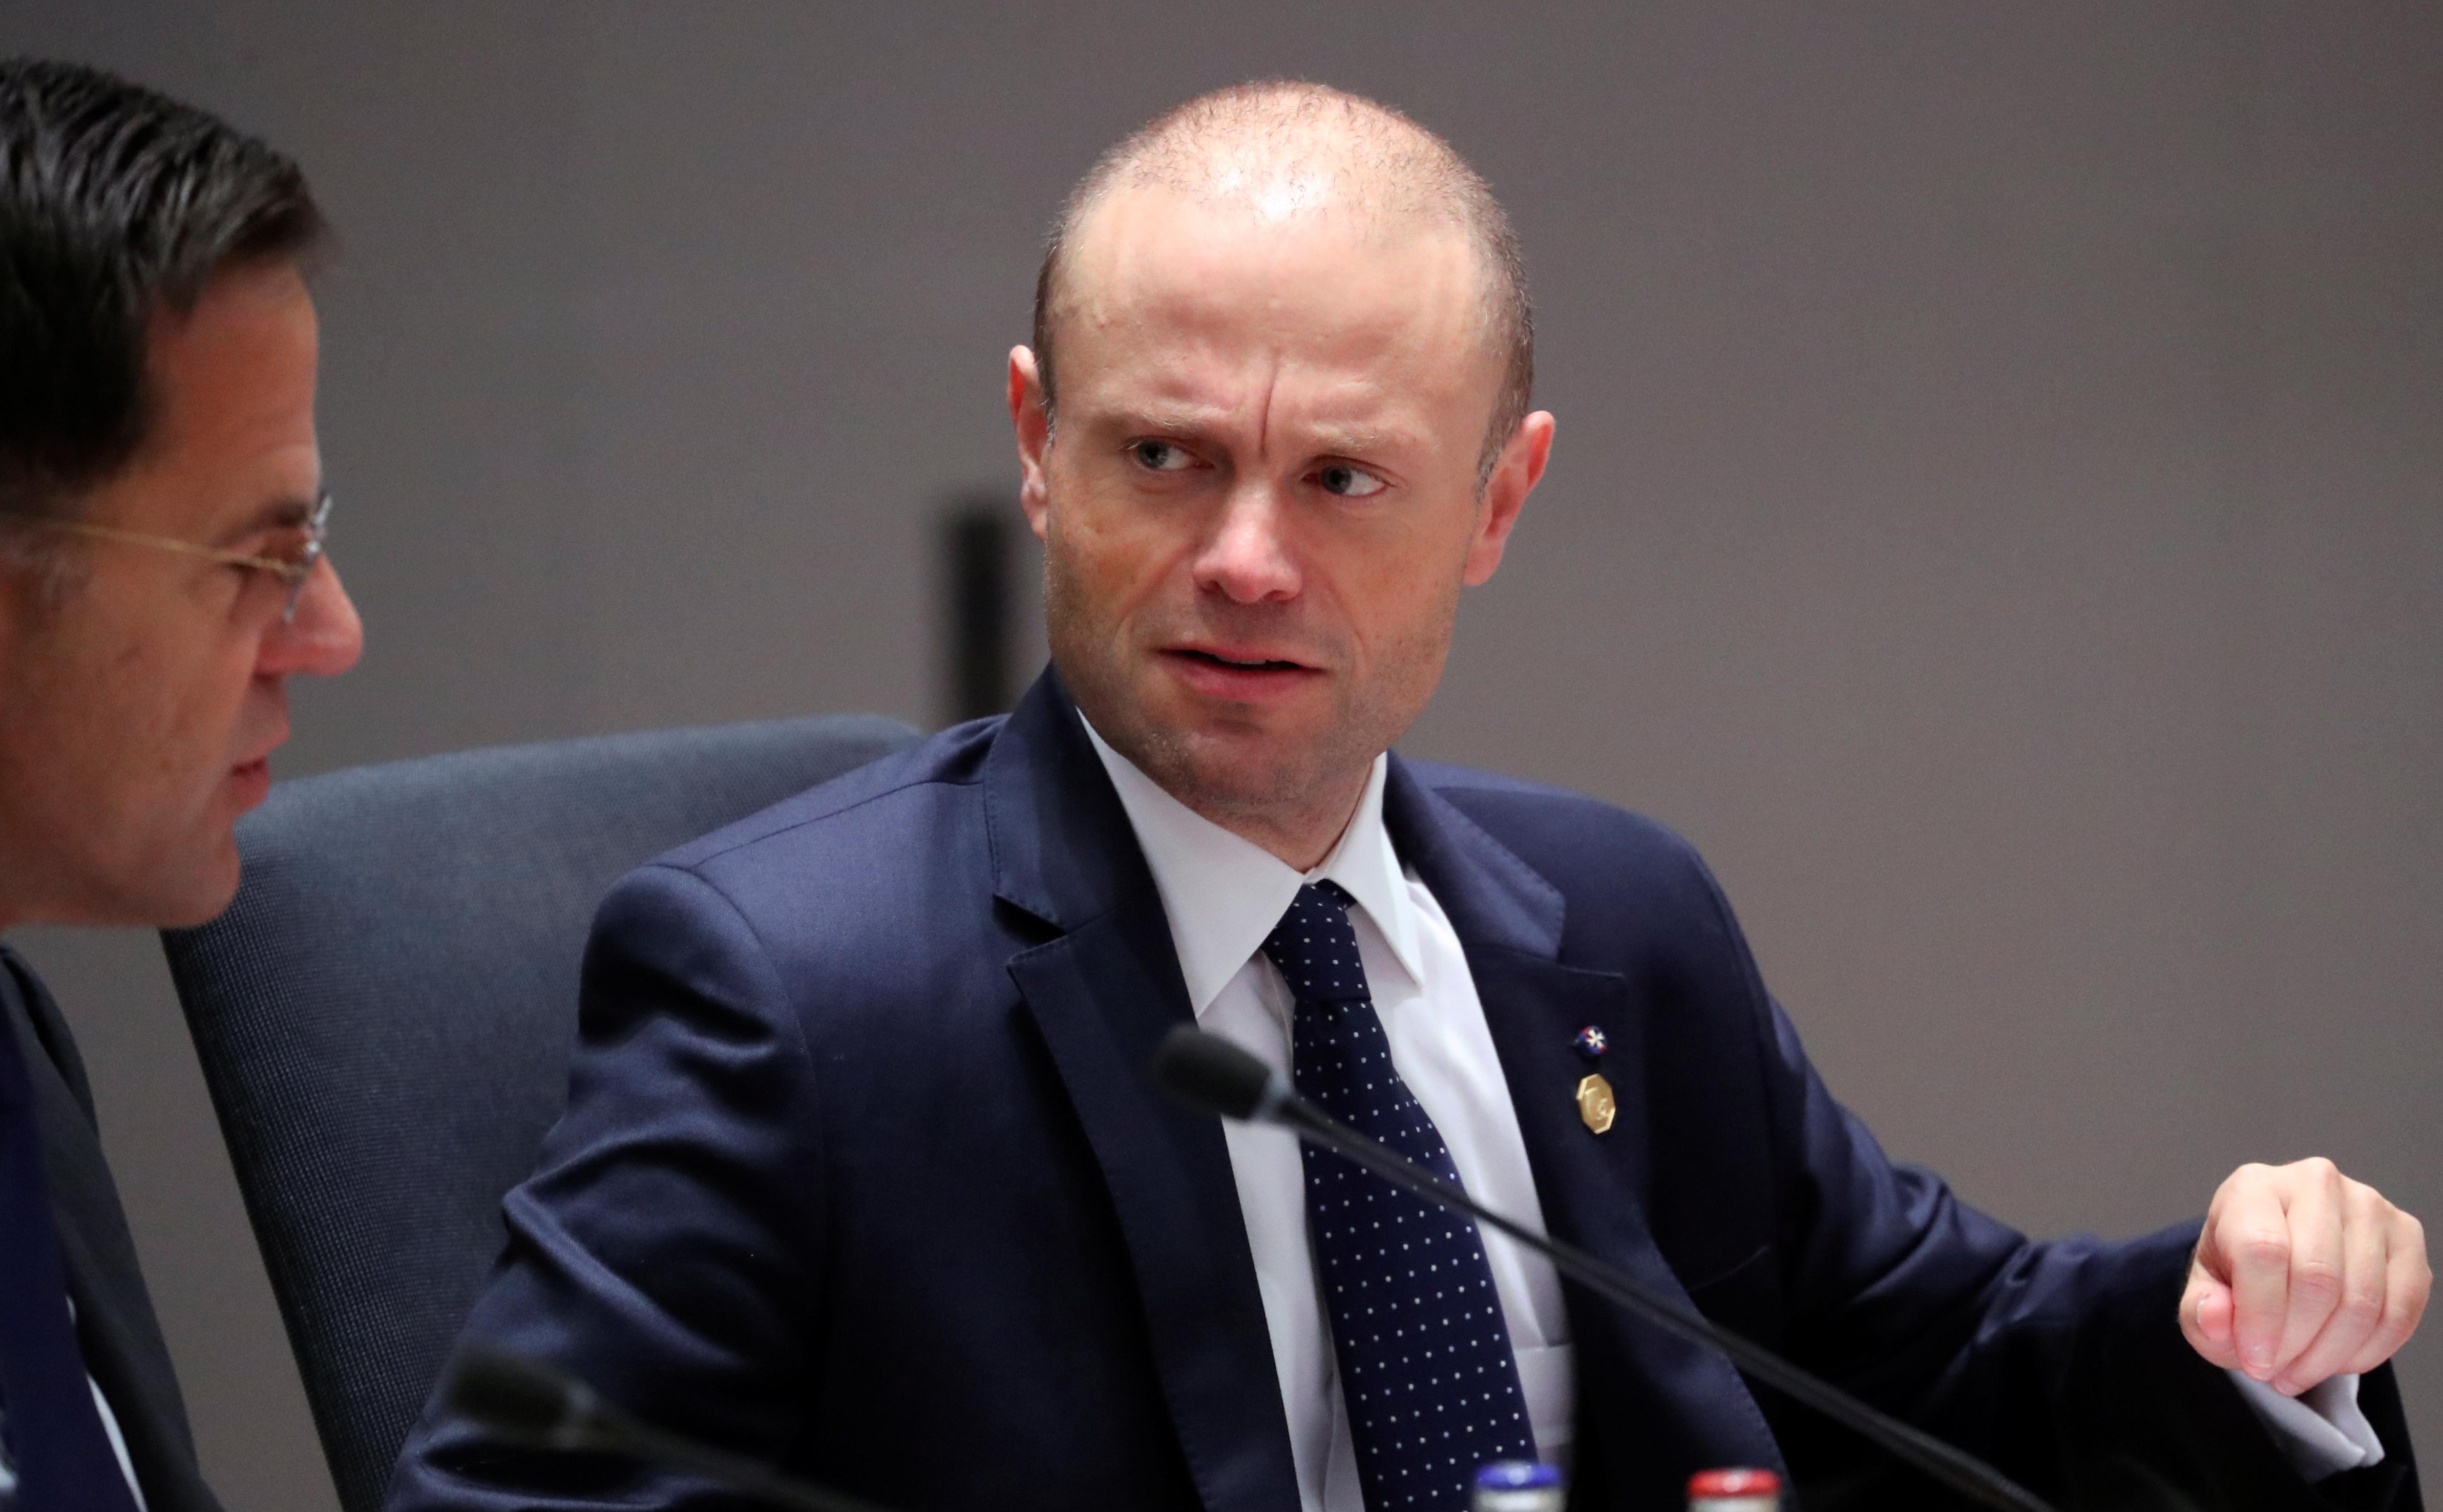 Μάλτα: Την παραίτηση Μουσκάτ ζήτησε το ευρωπαϊκό κοινοβούλιο